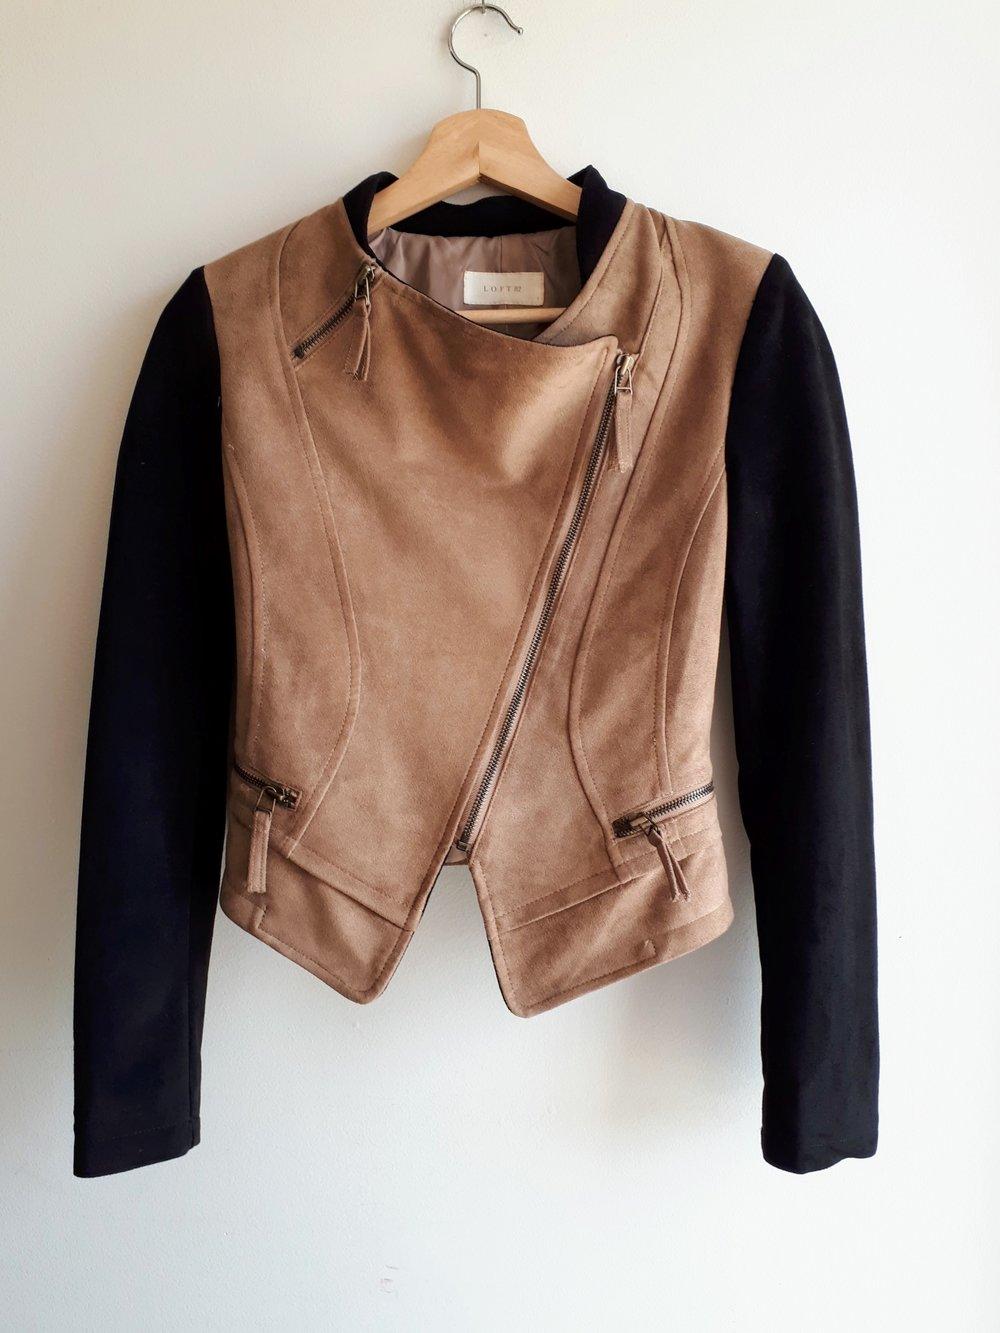 Loft 82 jacket; Size S, $42